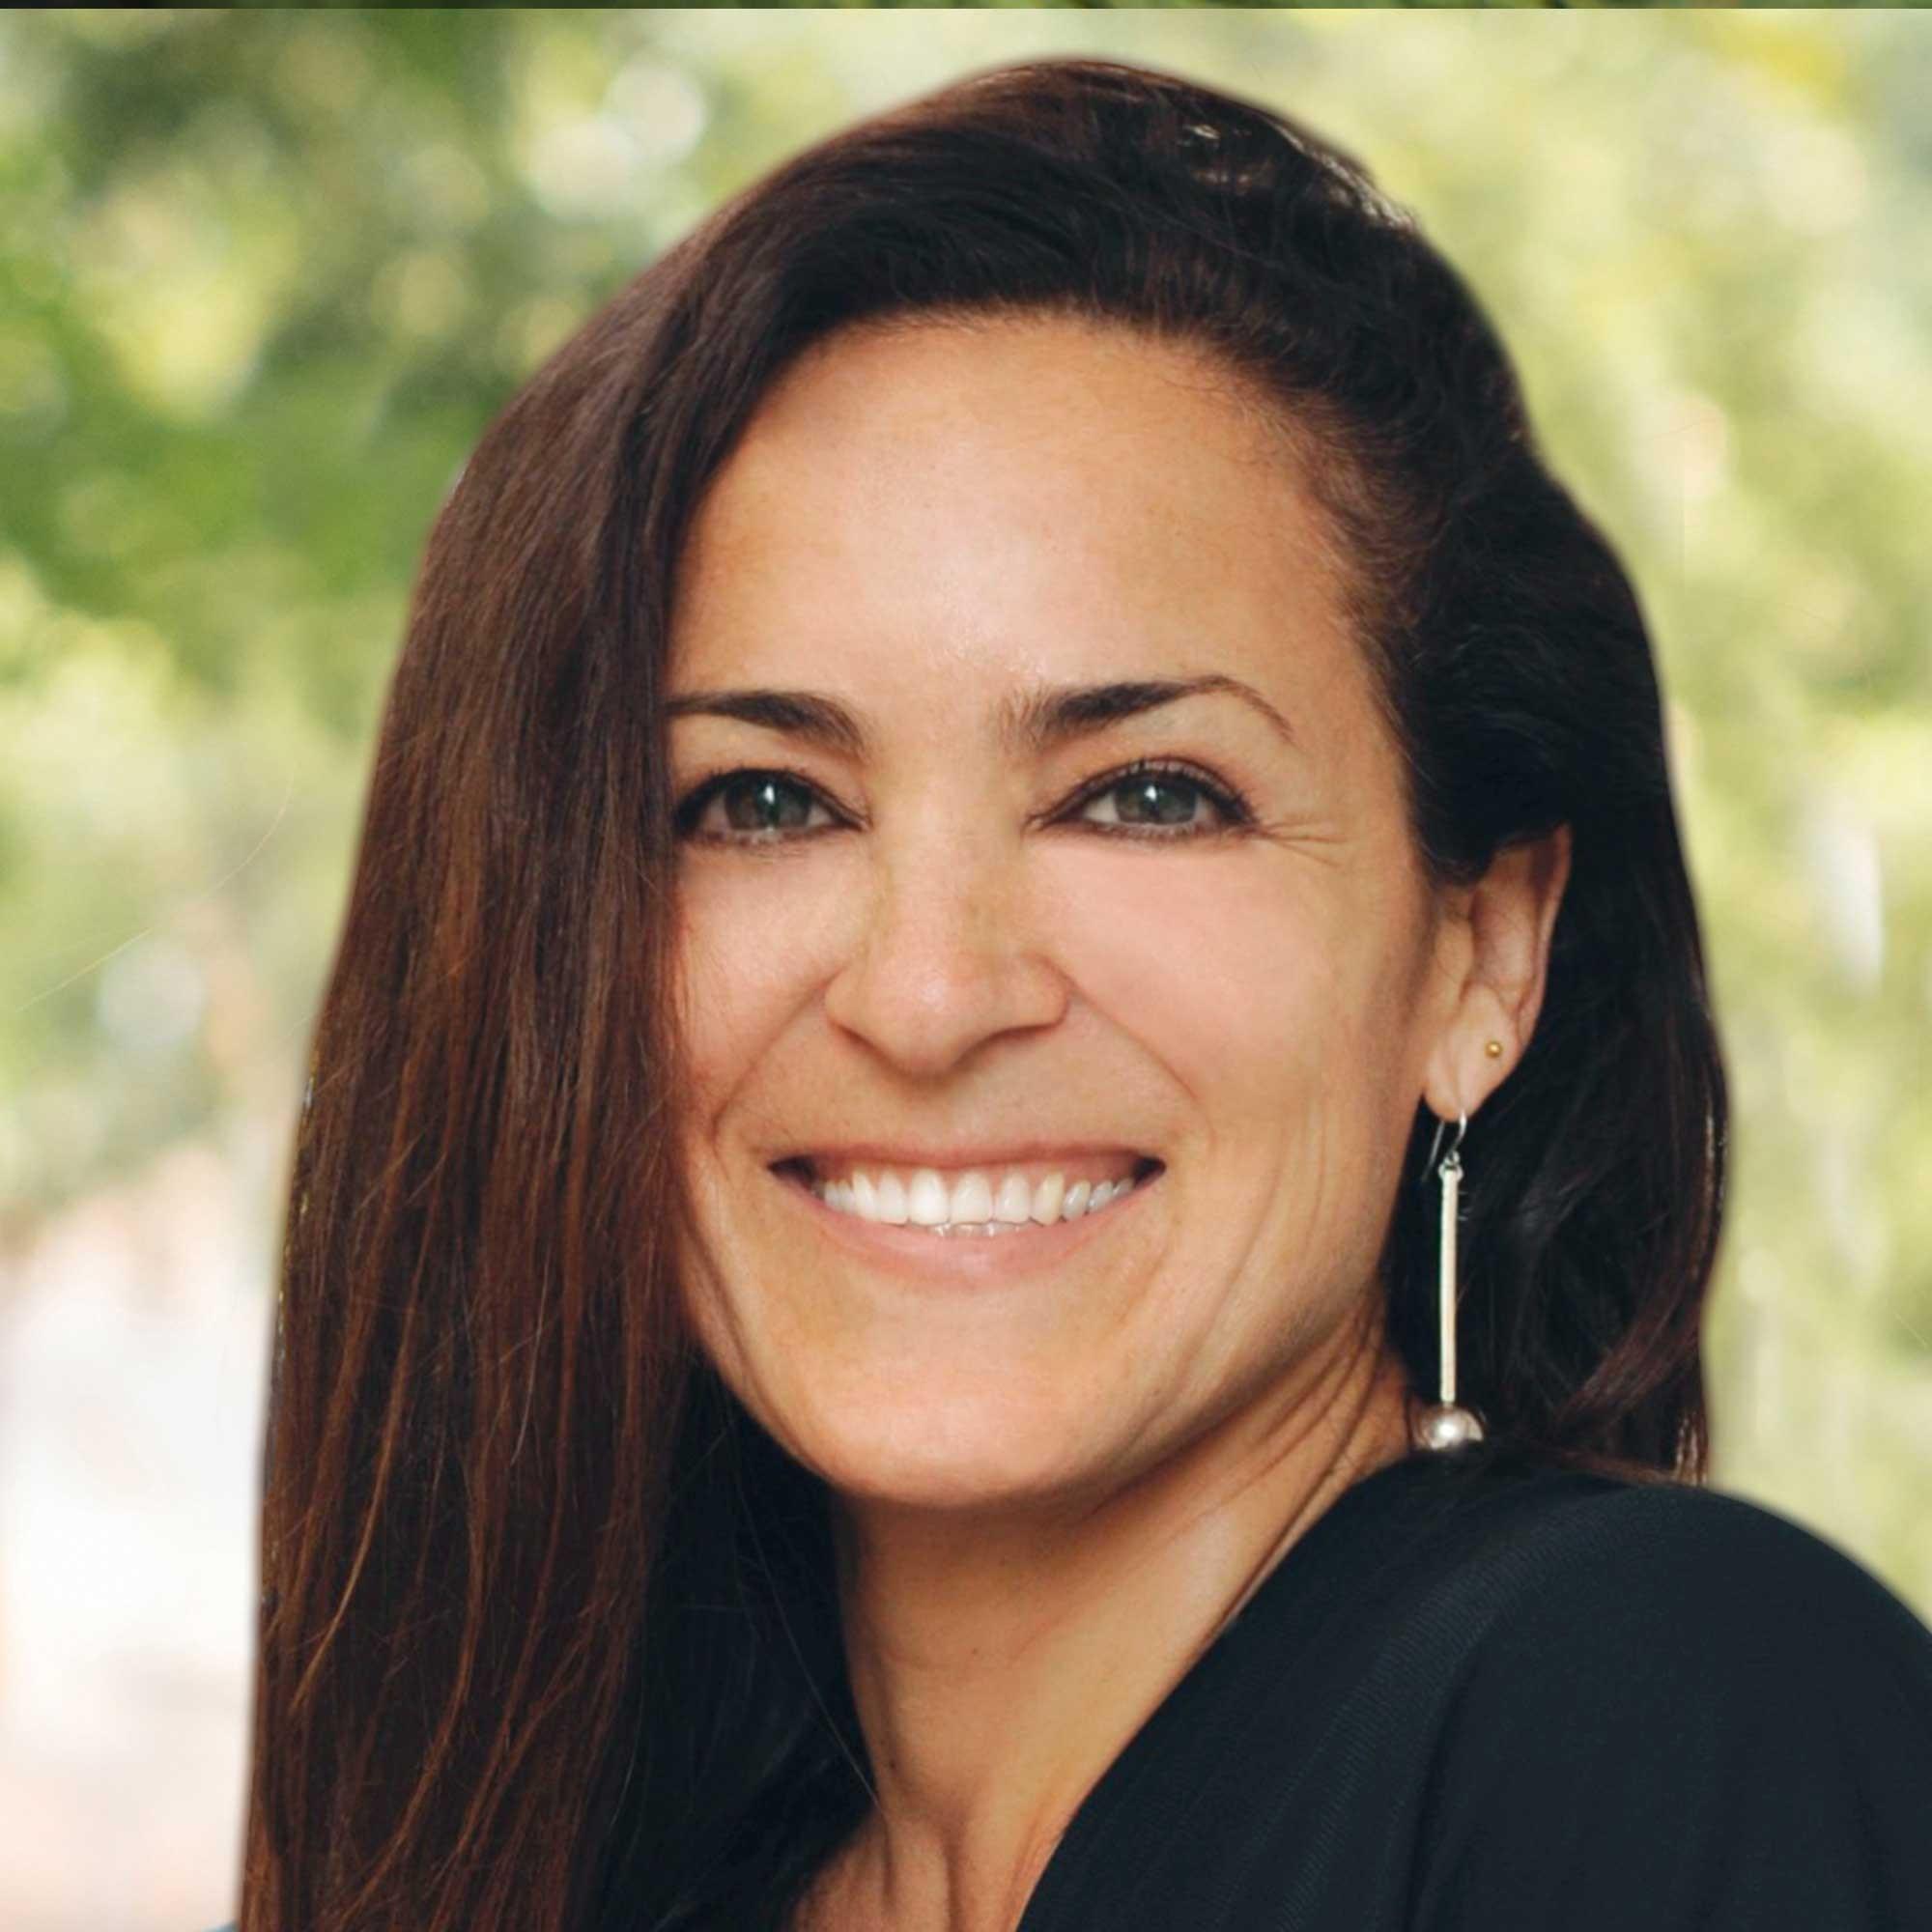 Camila Vega